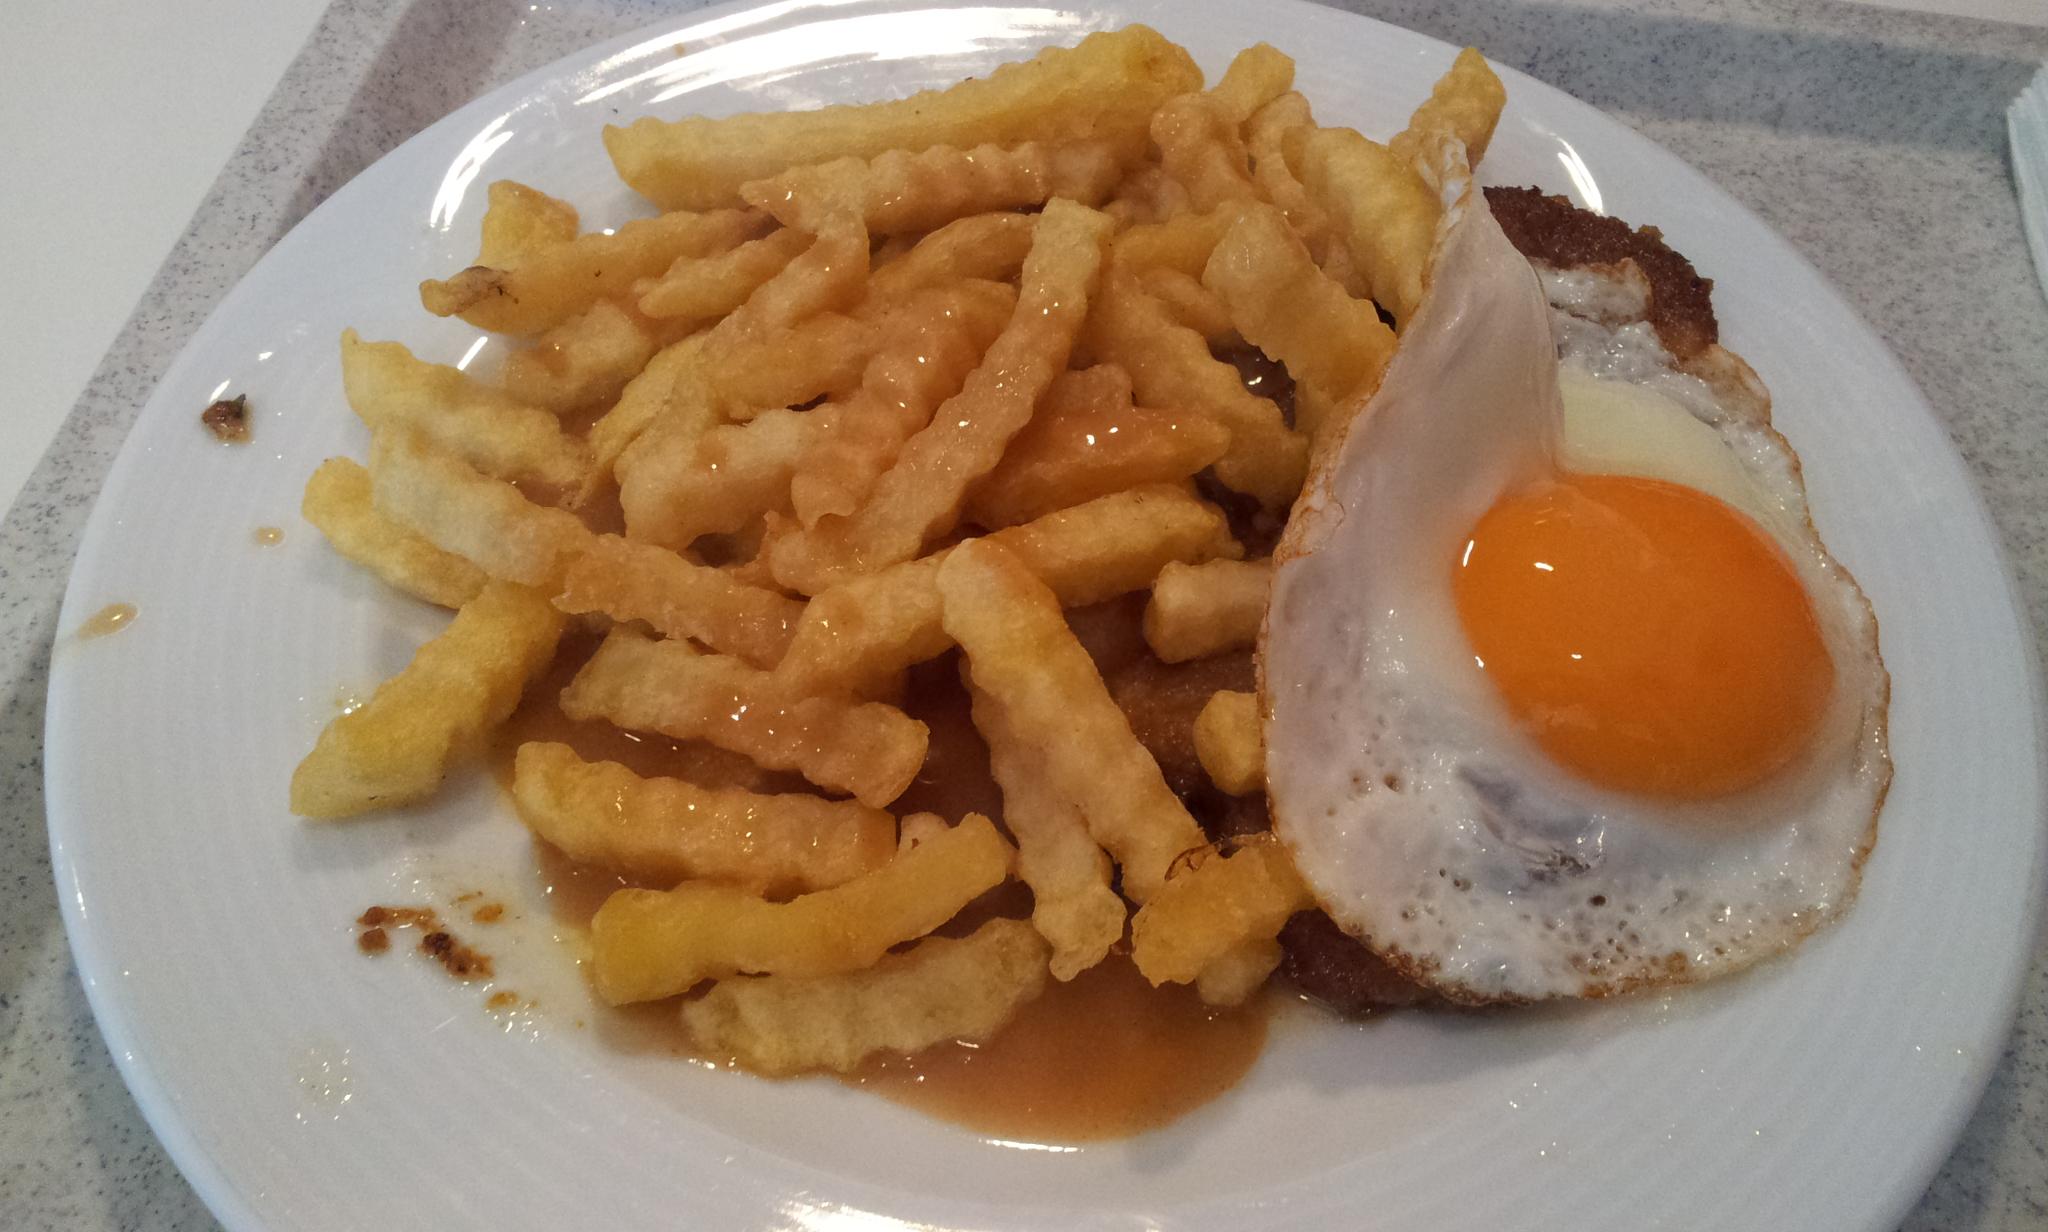 https://foodloader.net/Holz_2013-08-27_Schnitzel_mit_Spiegelei_und_Pommes.jpg